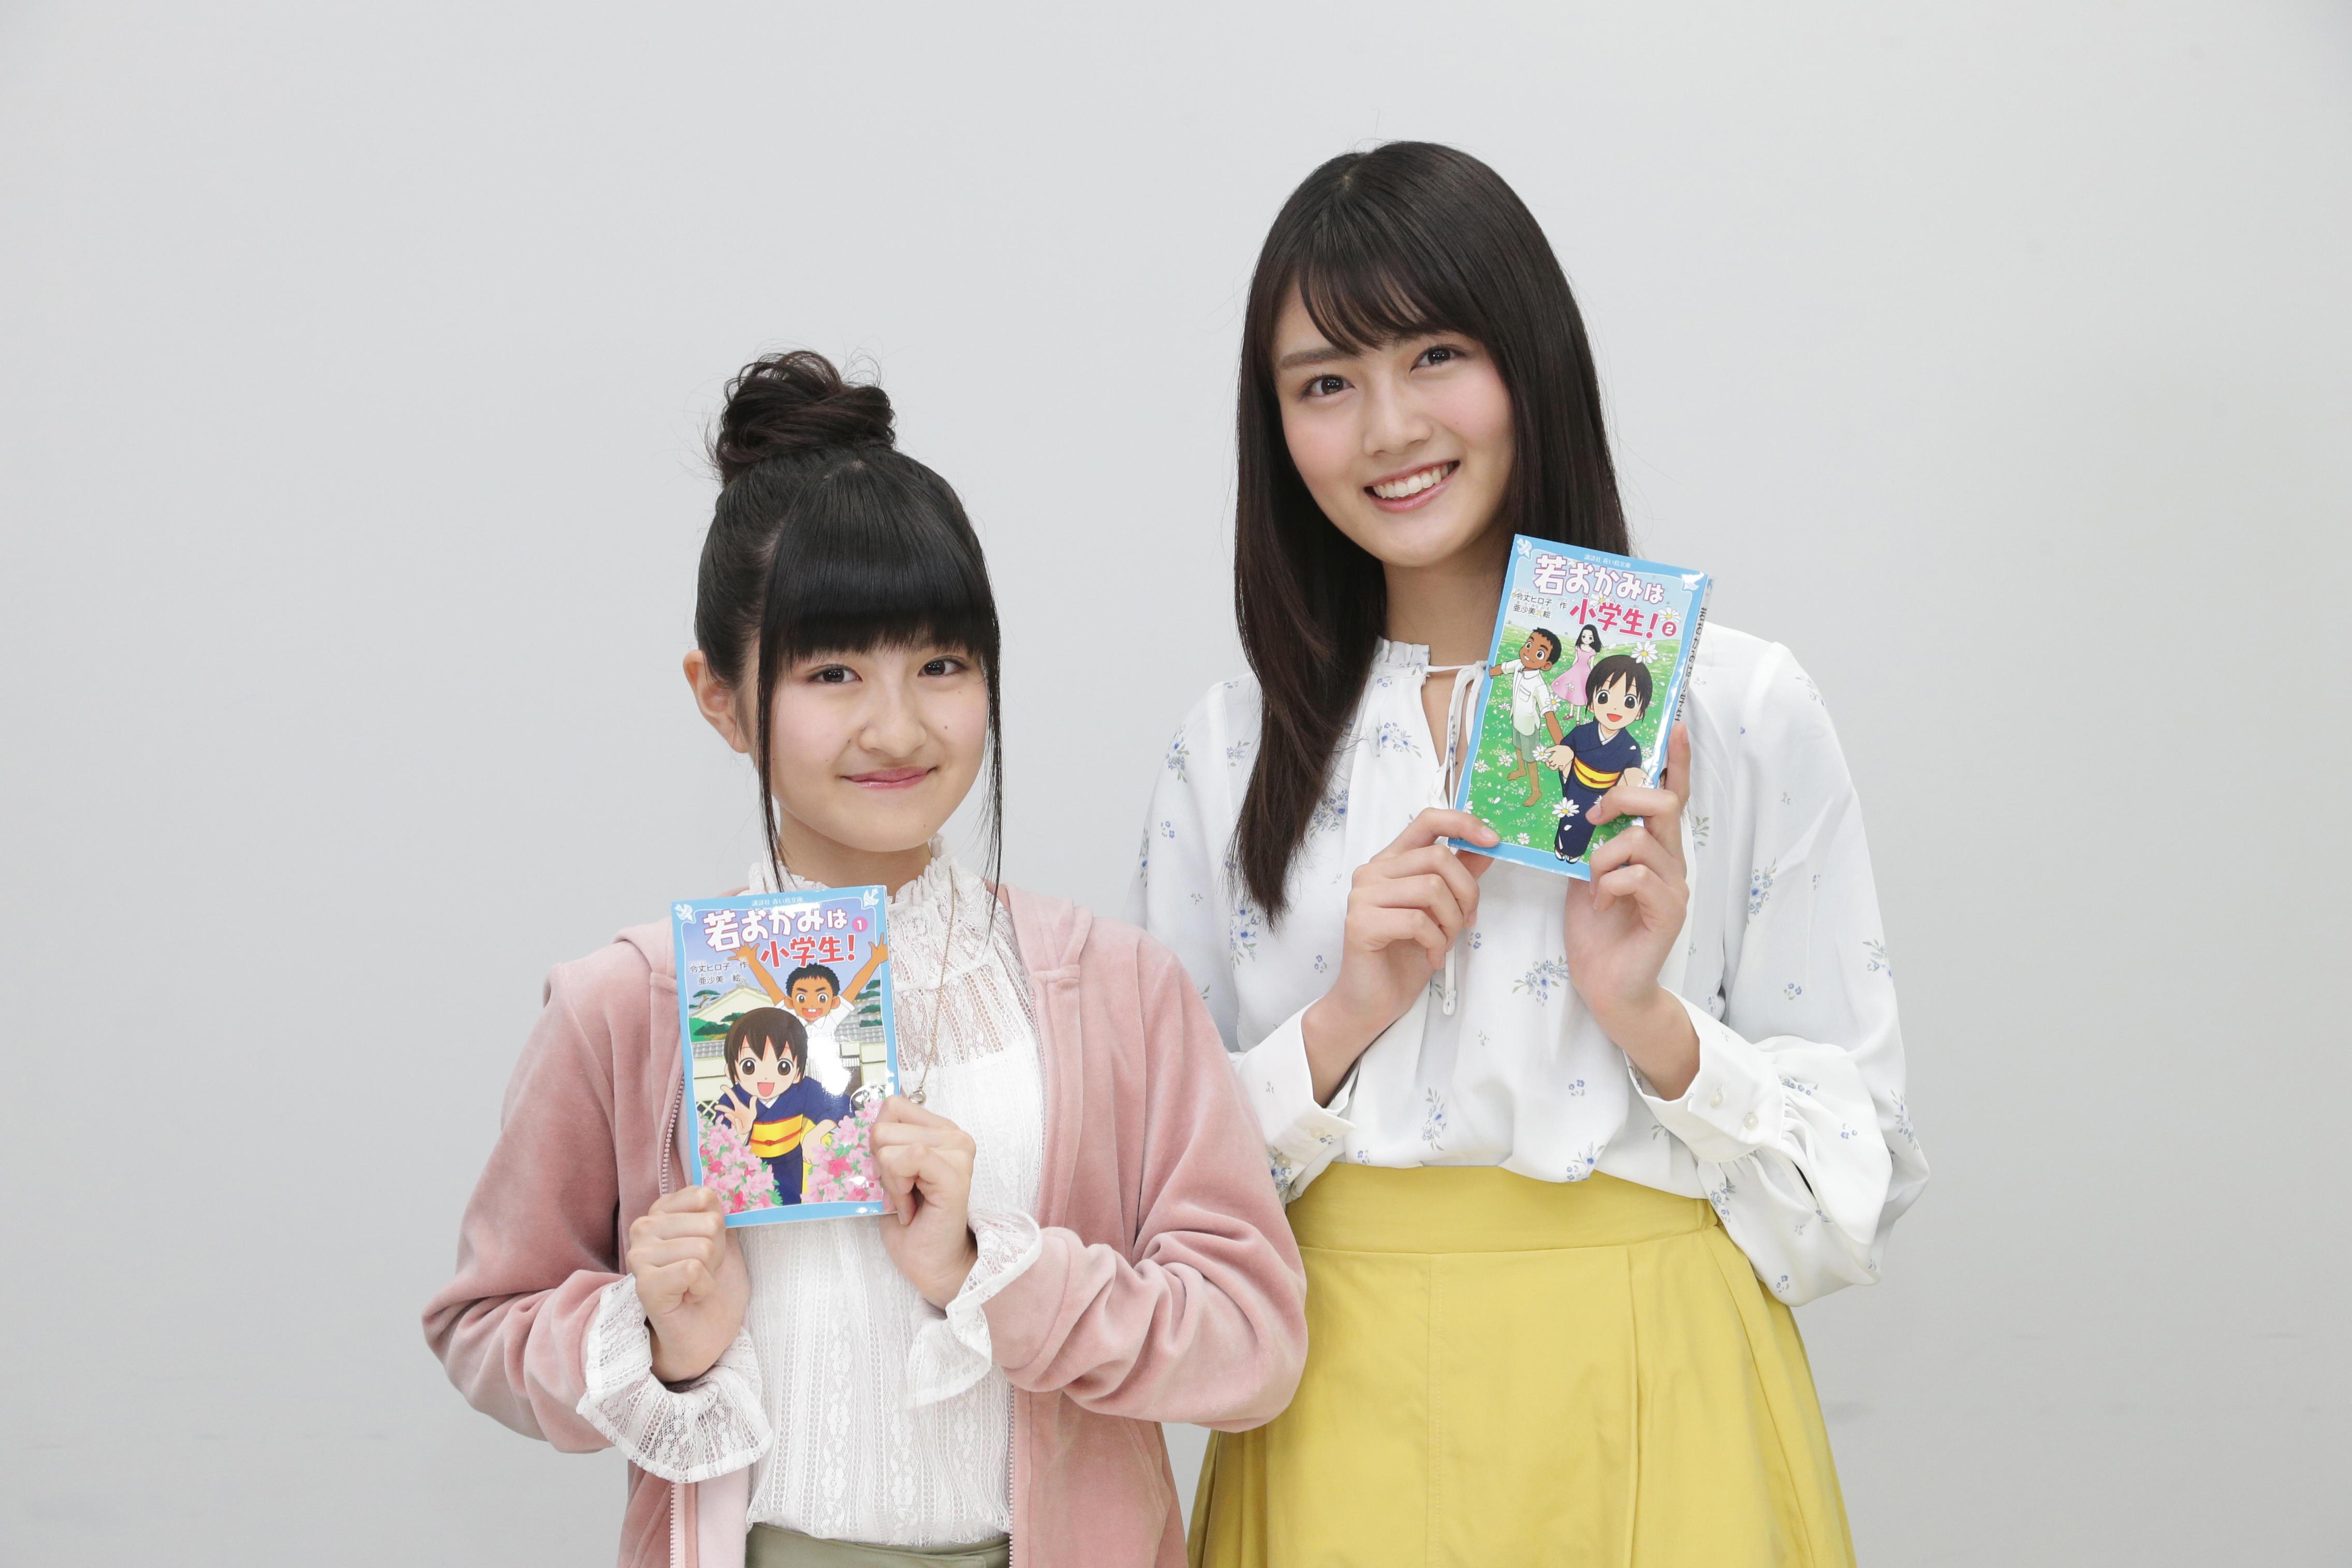 【若おかみは小学生!】主題歌が注目の若手女優・水谷果穂の新曲「君のステージへ」に決定!